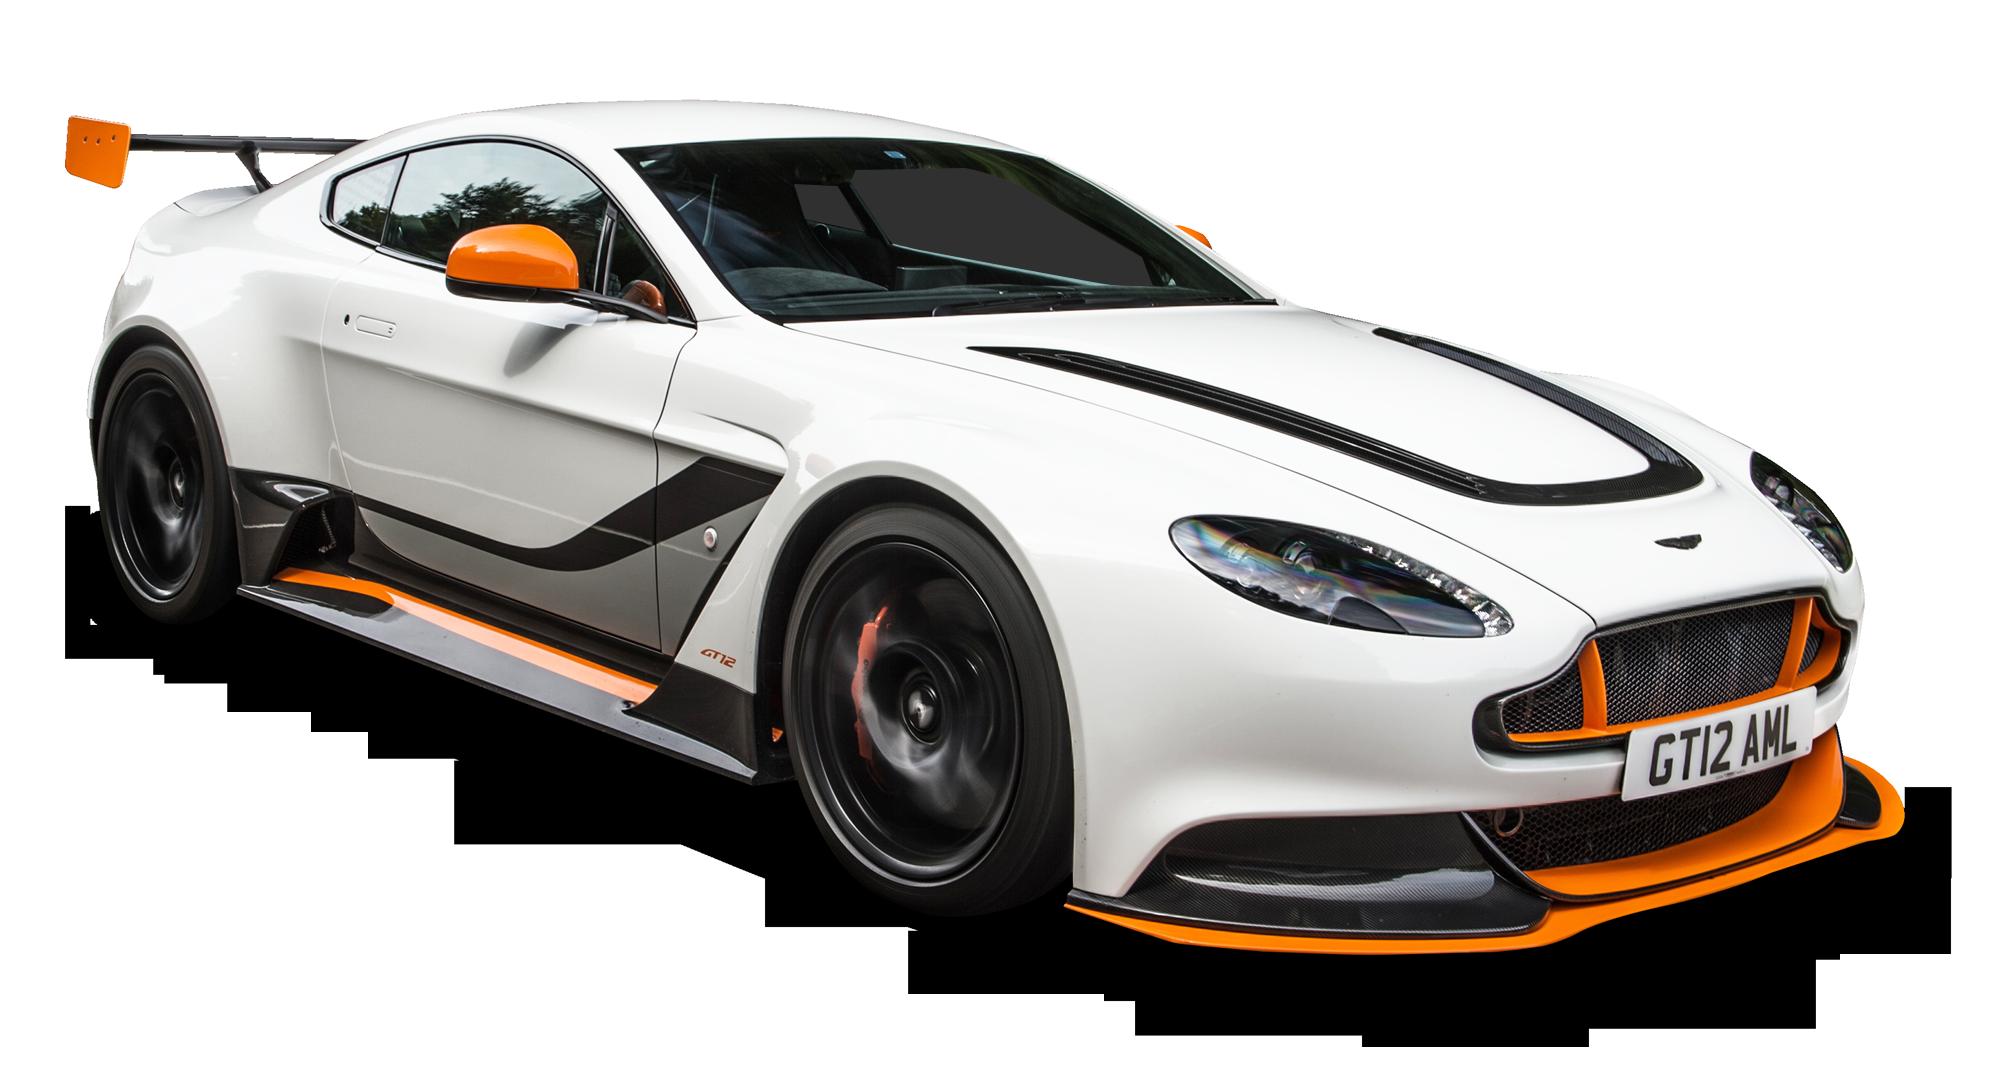 Aston Martin Png Transparent Aston Martin Png Images Pluspng